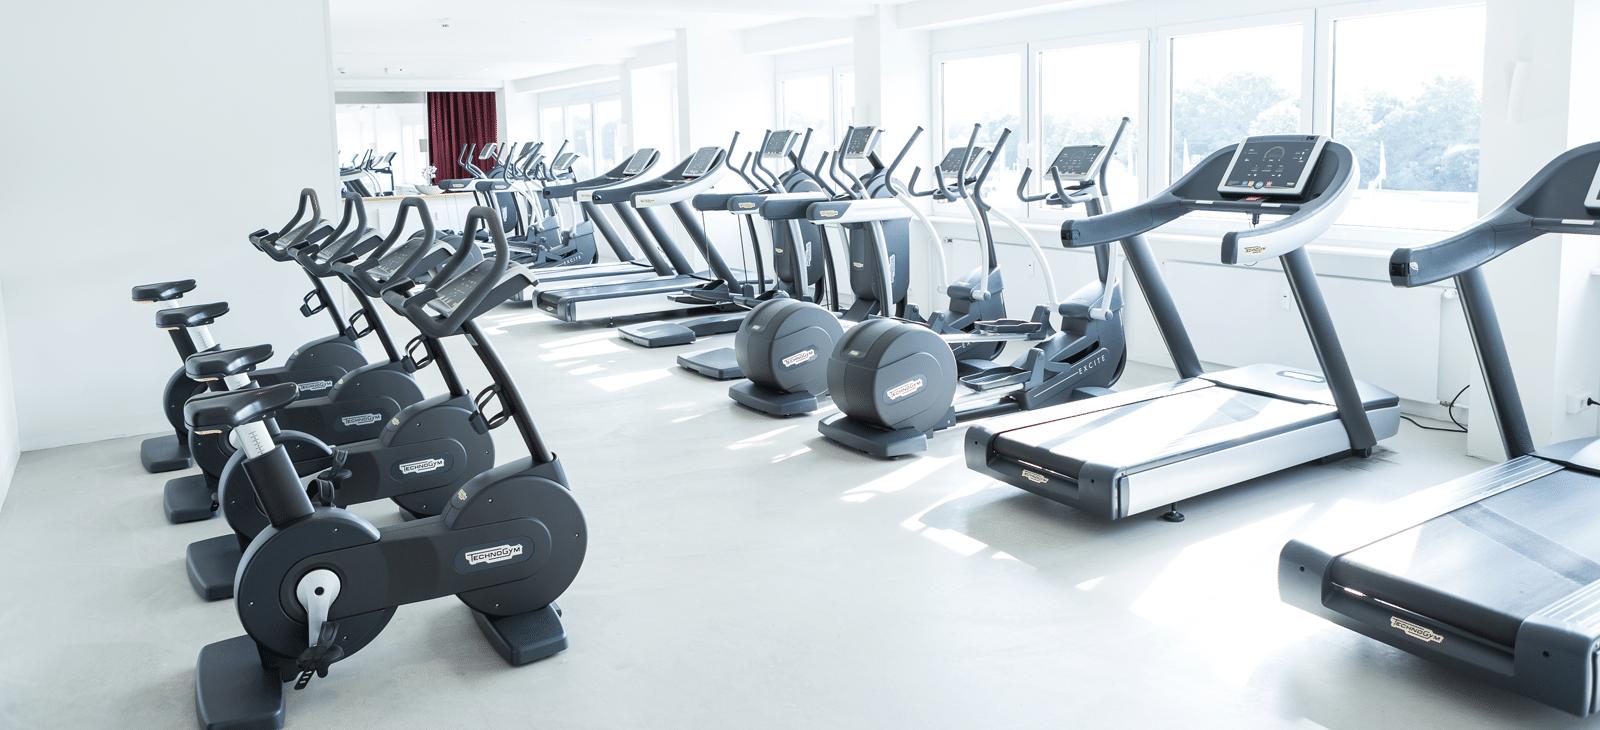 Cardiobereich-im-Fitness-Loft-Woman-1600x730px